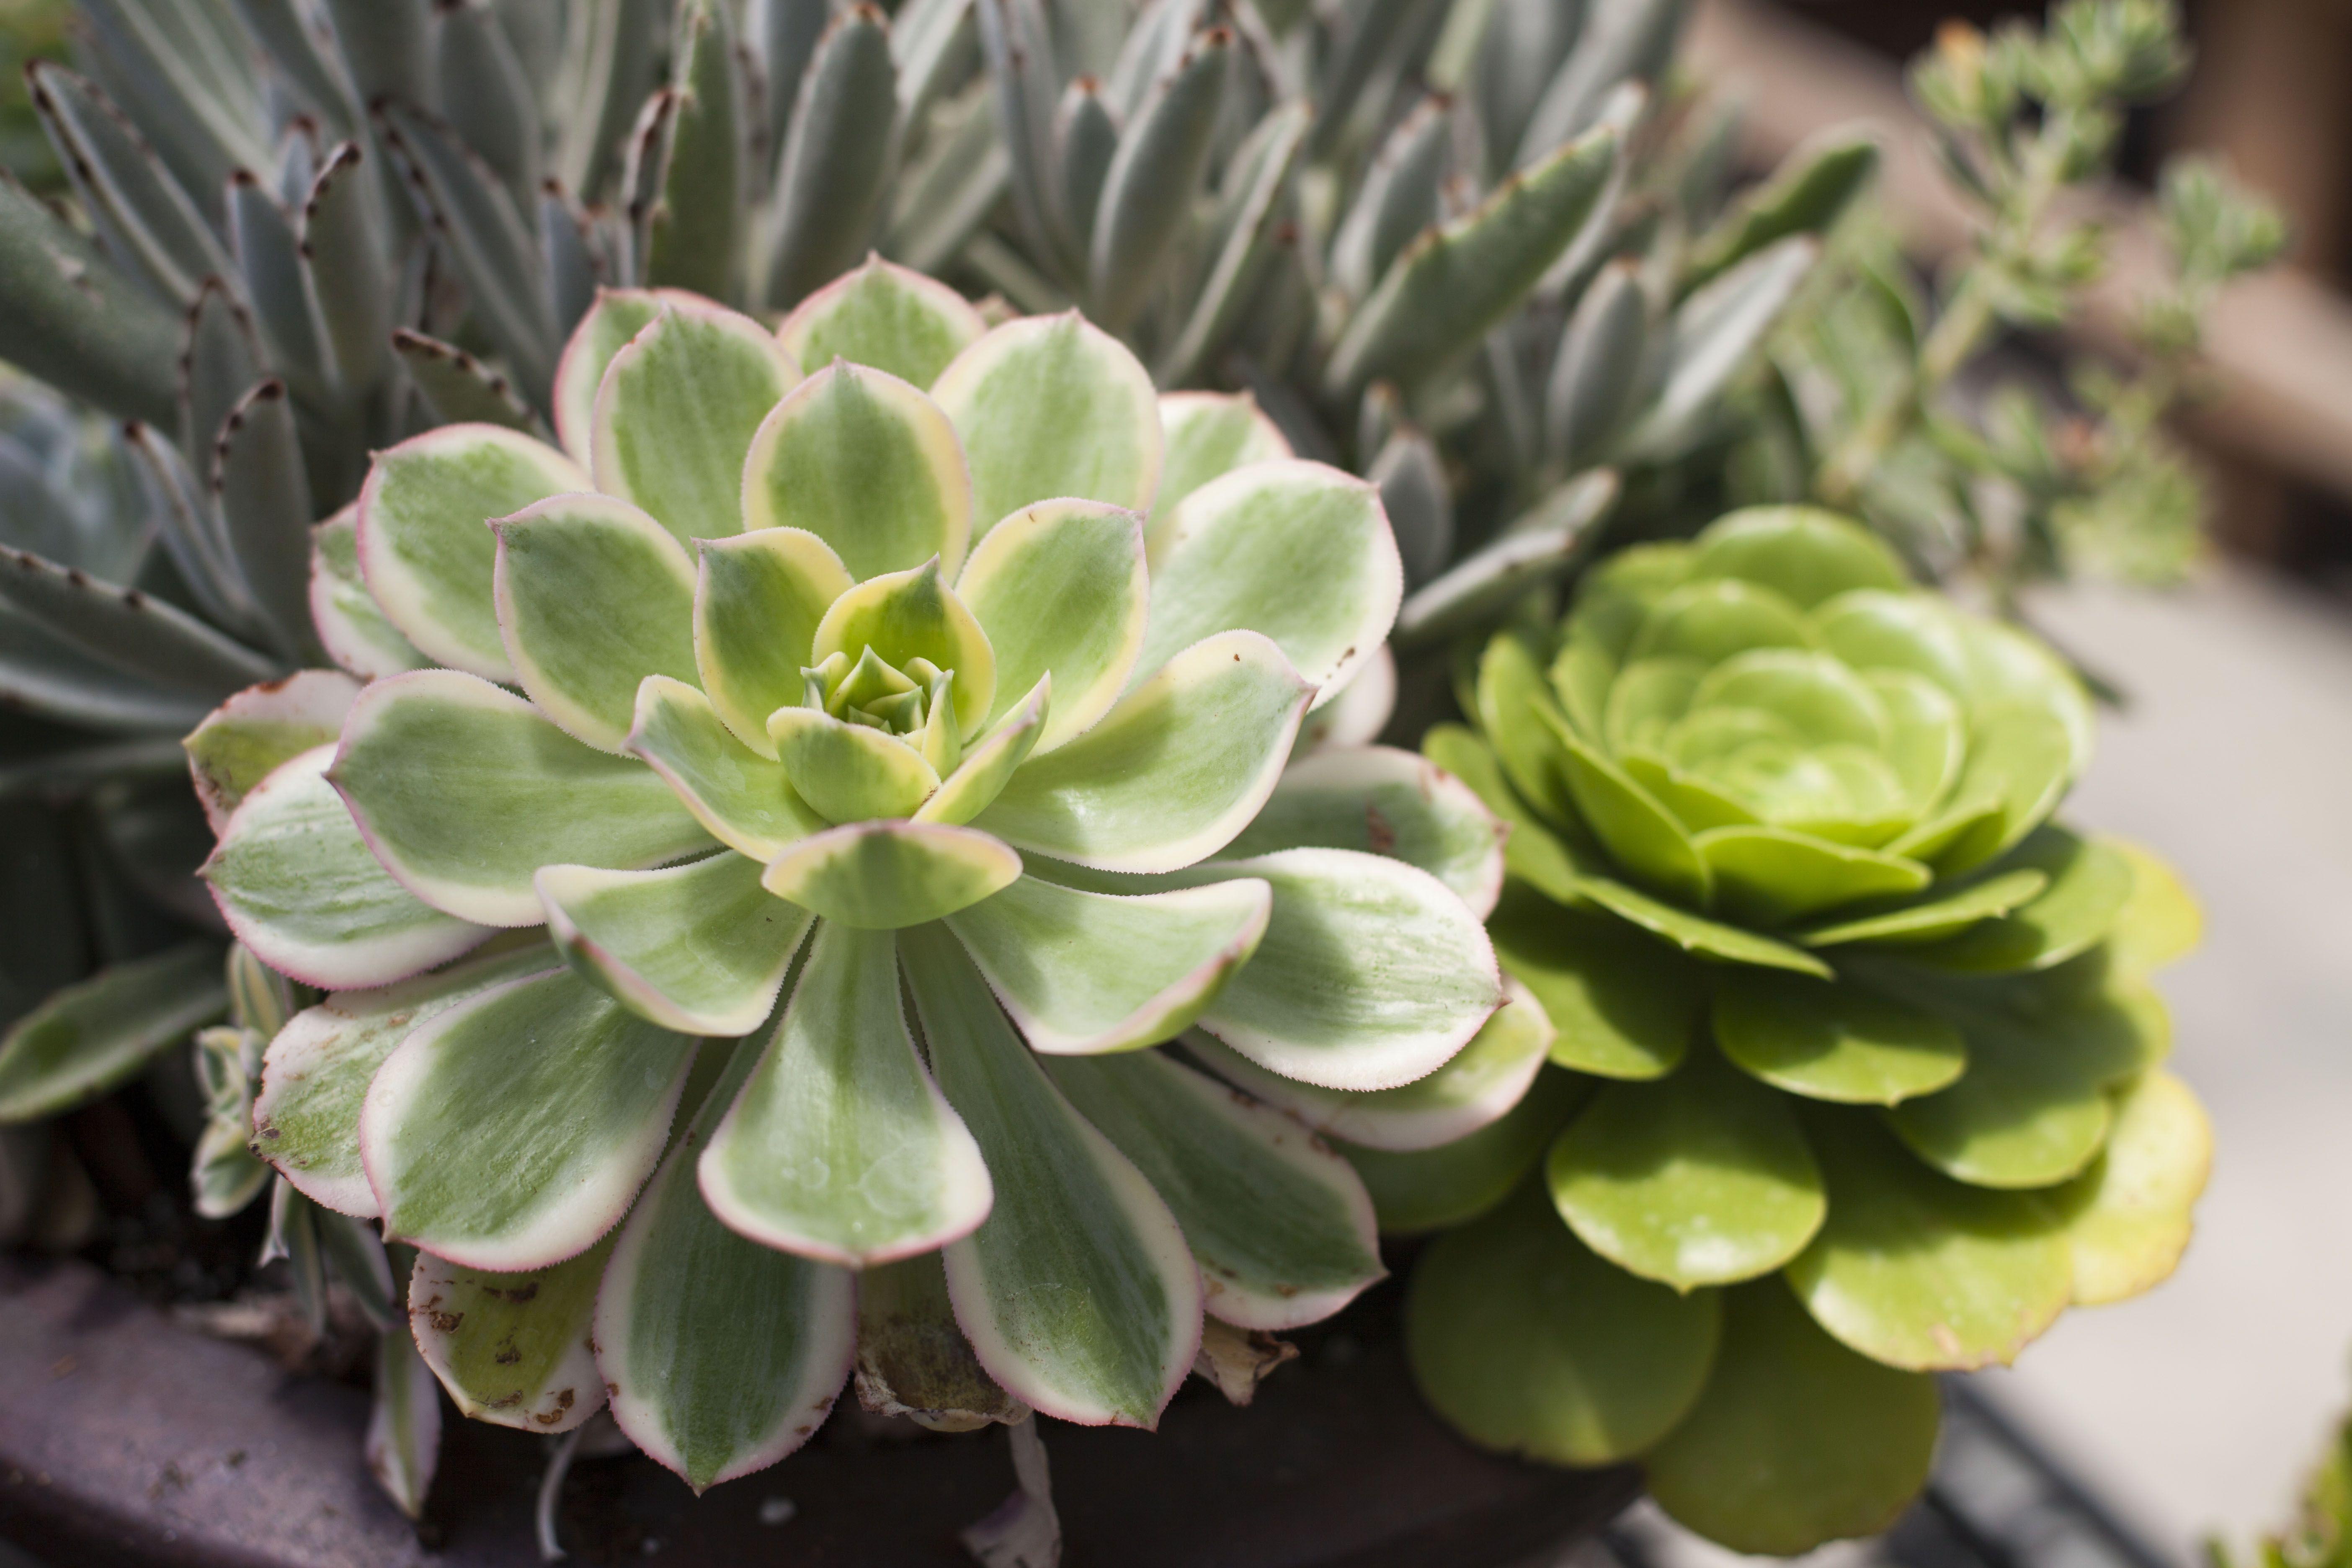 Showcasing Drought Tolerant Plants